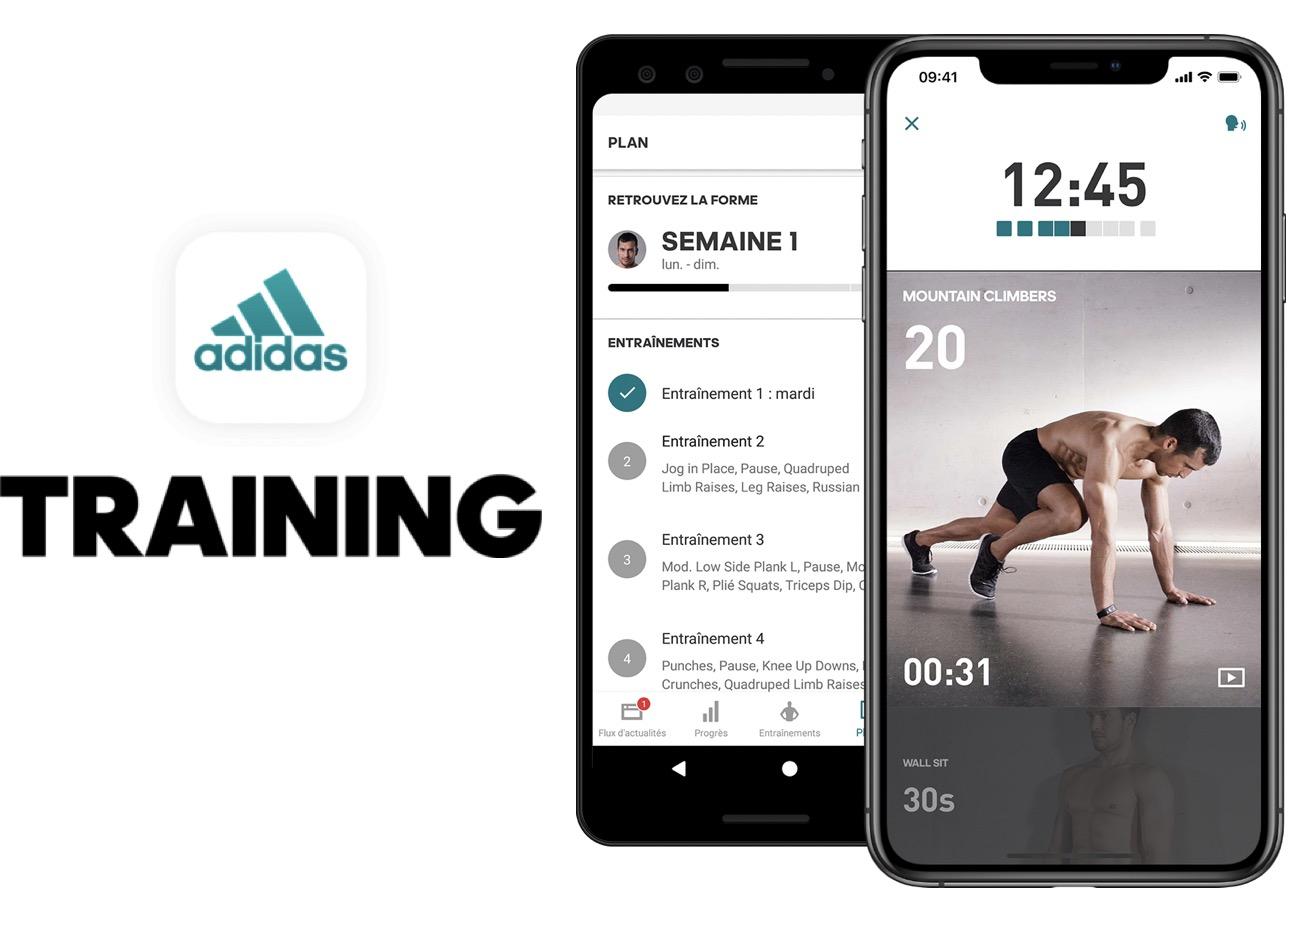 Code promo Adidas : 90 jours d'abonnement gratuits à l'application mobile de coaching sportif Adidas Training Premium